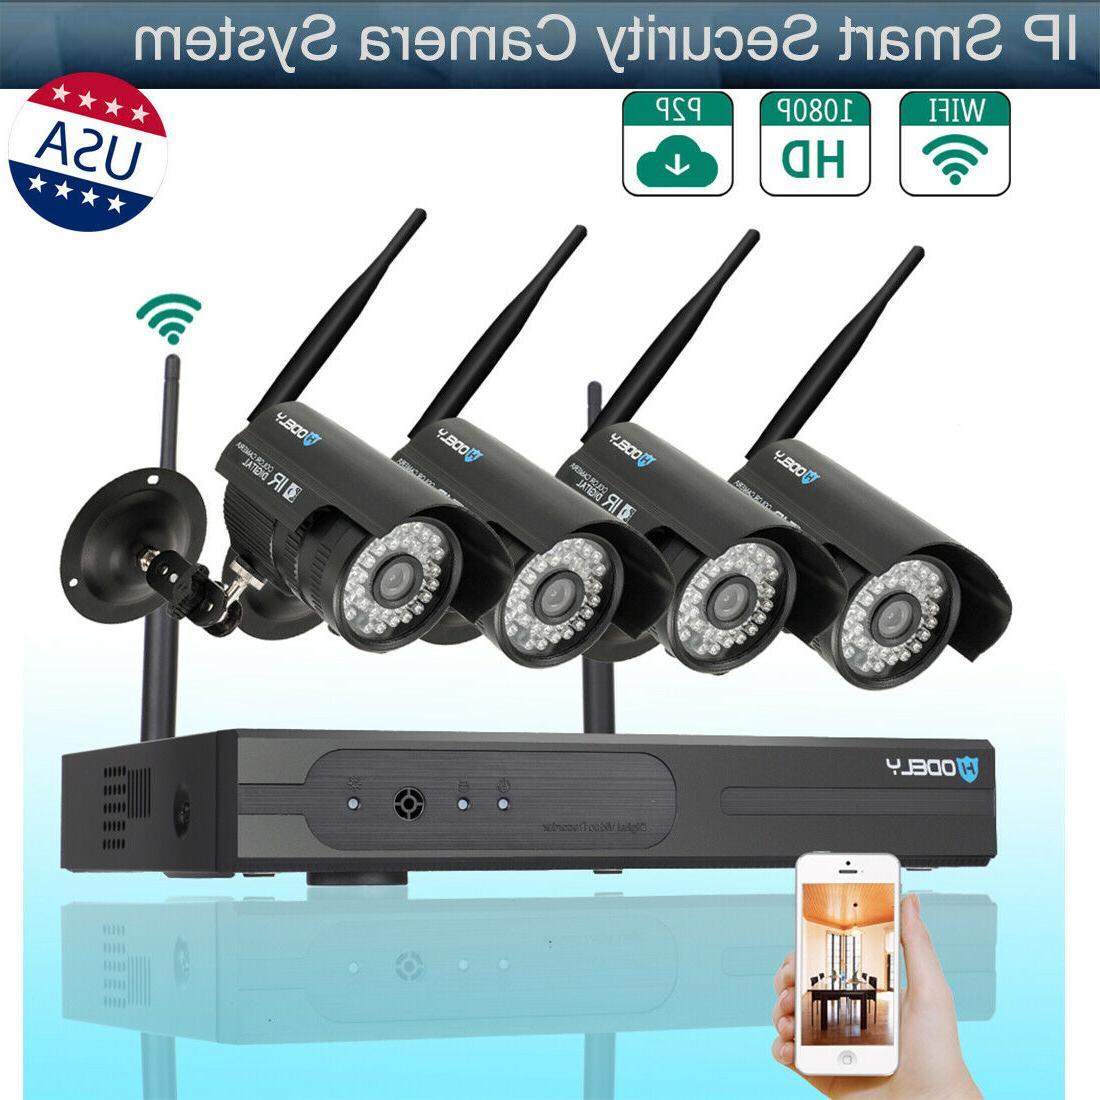 8ch 960p full hd wireless nvr wifi